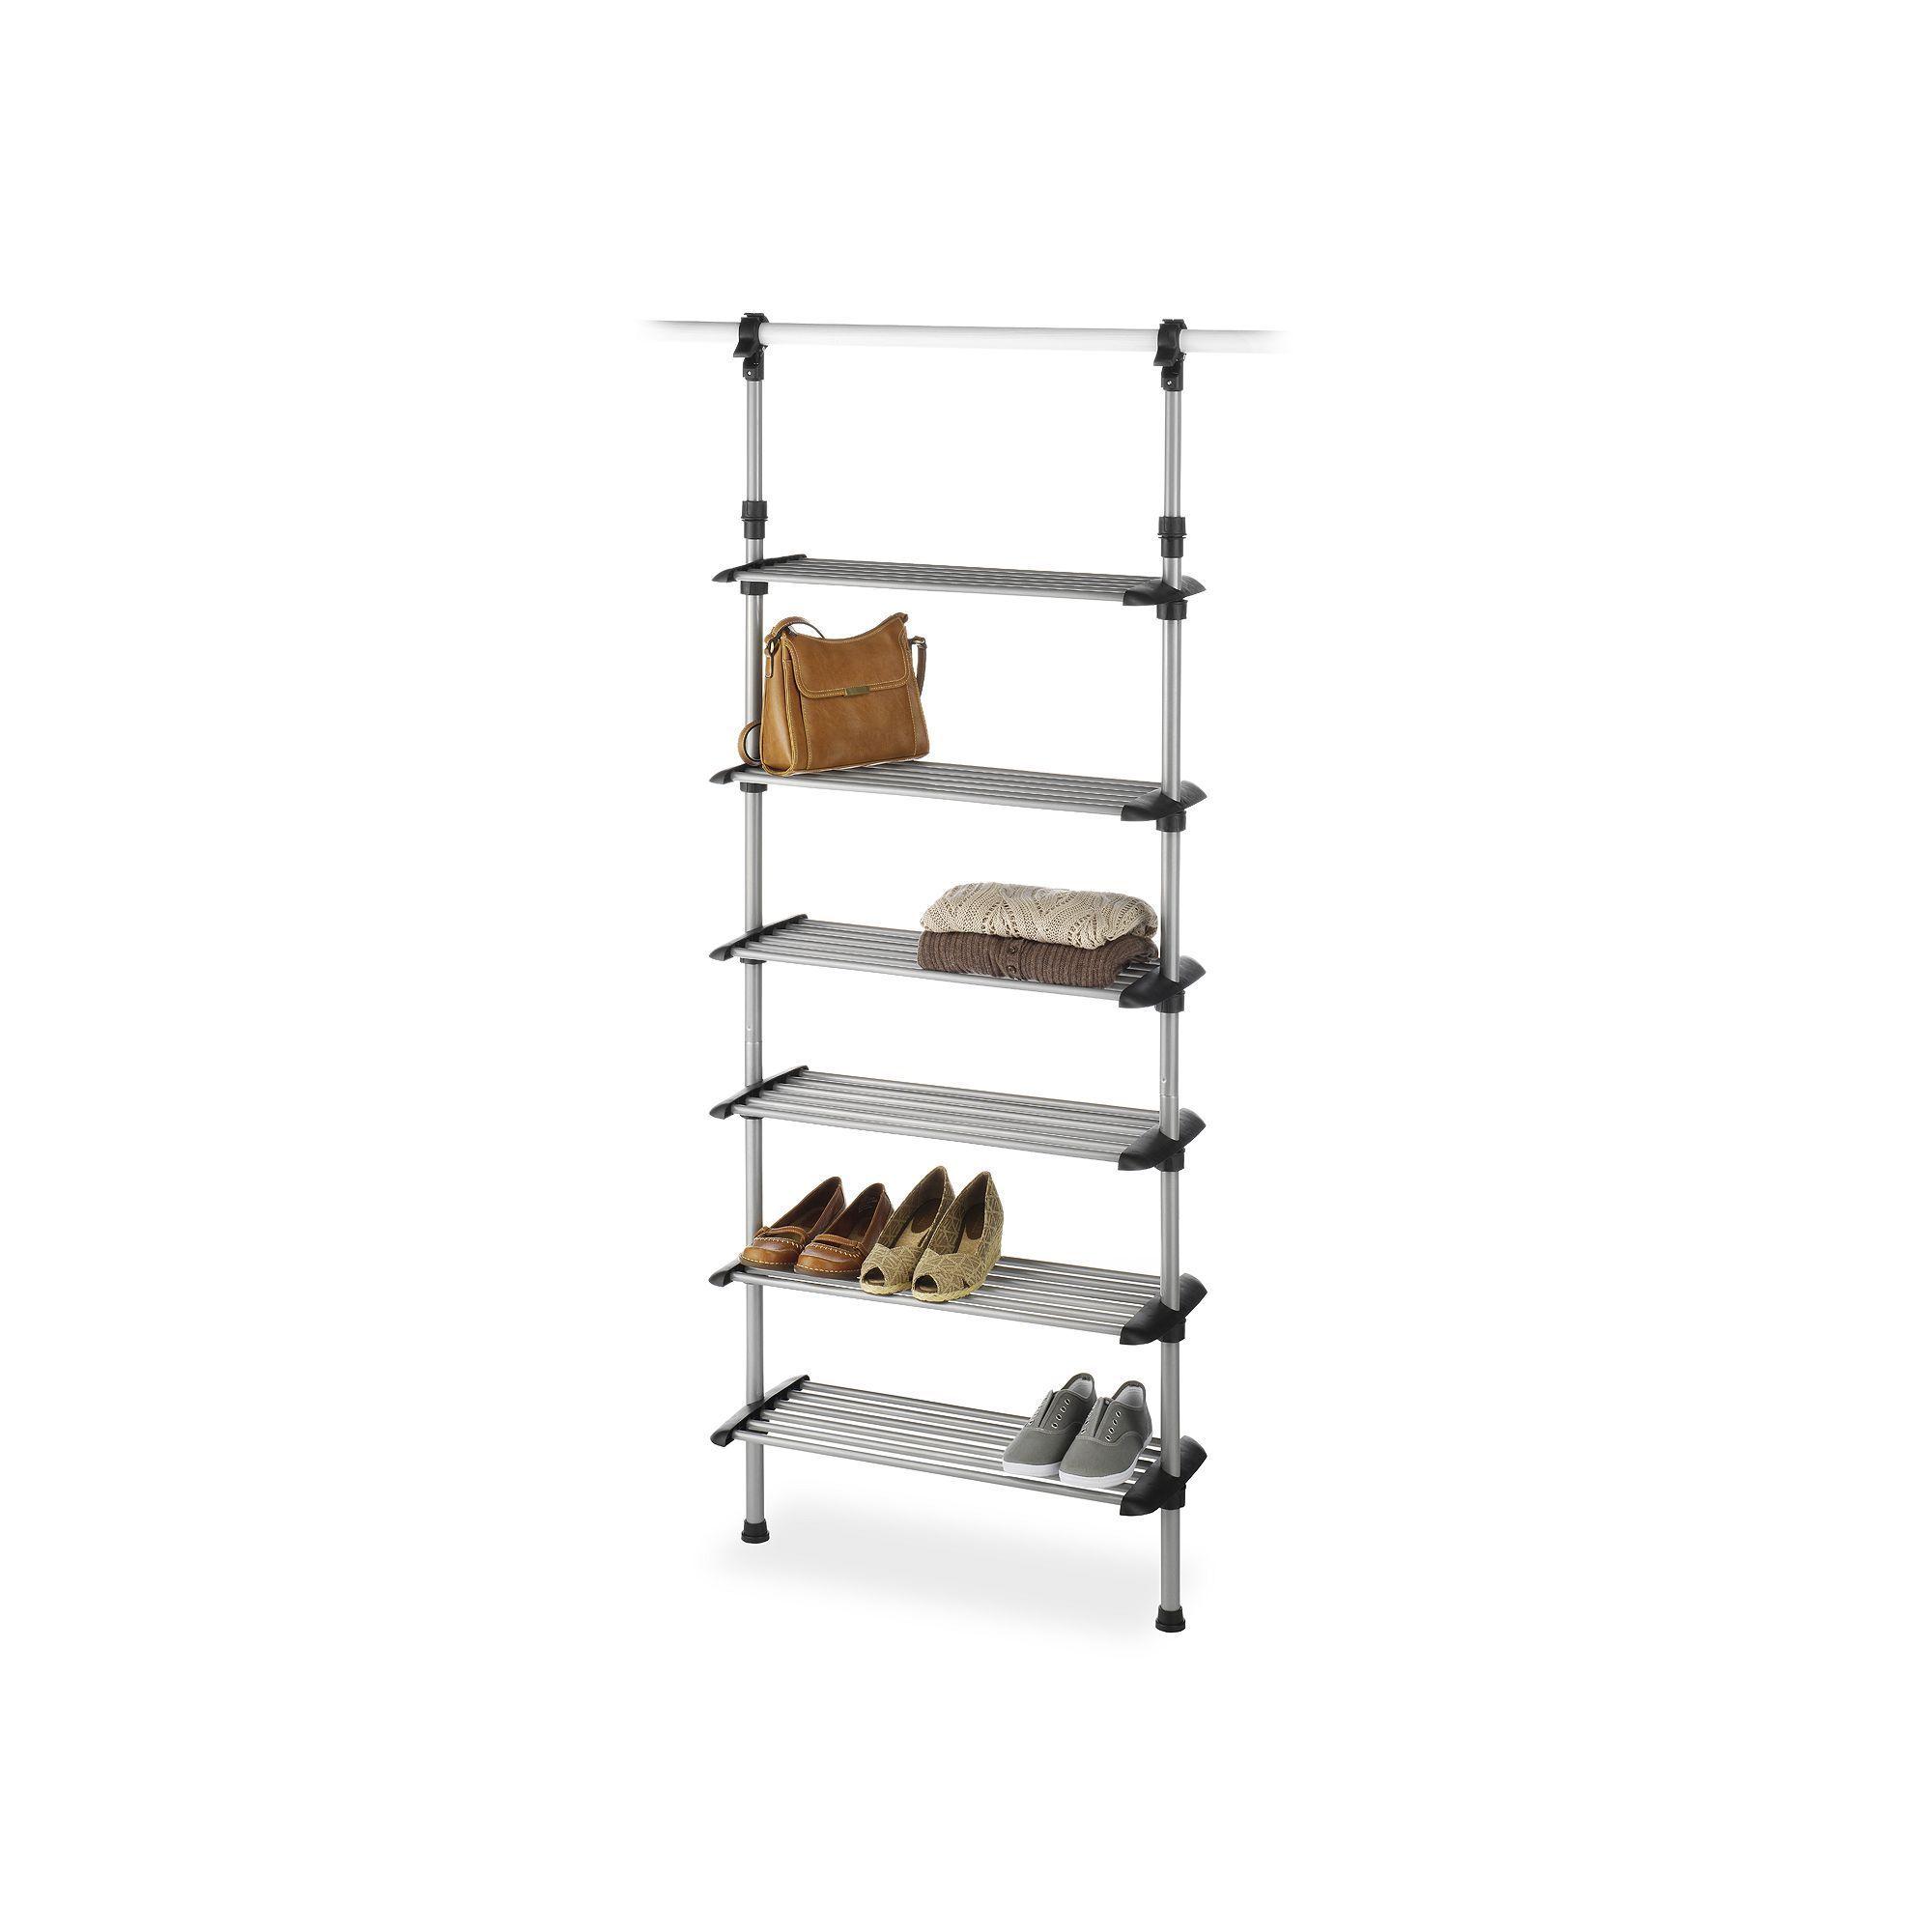 Whitmor 6 Shelf Closet Rod Closet System, Grey